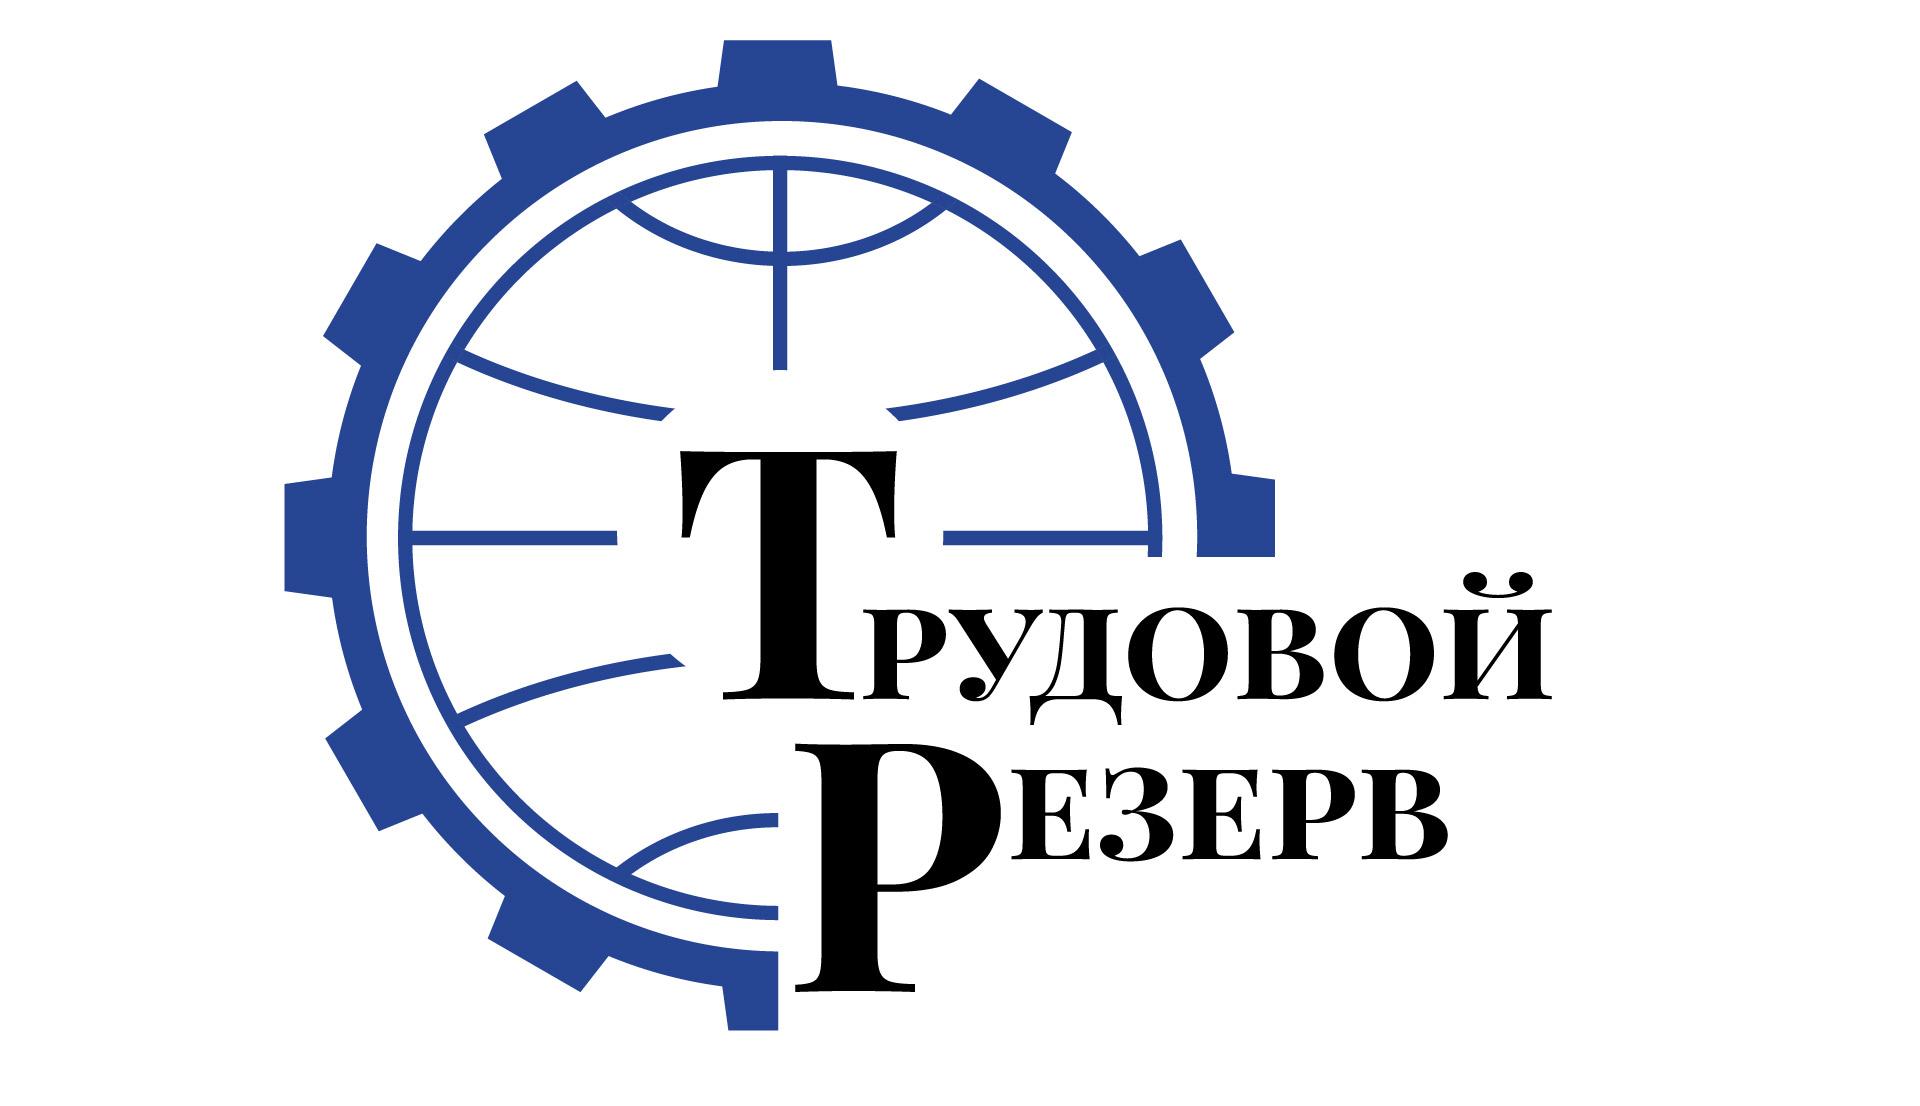 Работа в компании «Трудовой резерв» в Лебедянского района